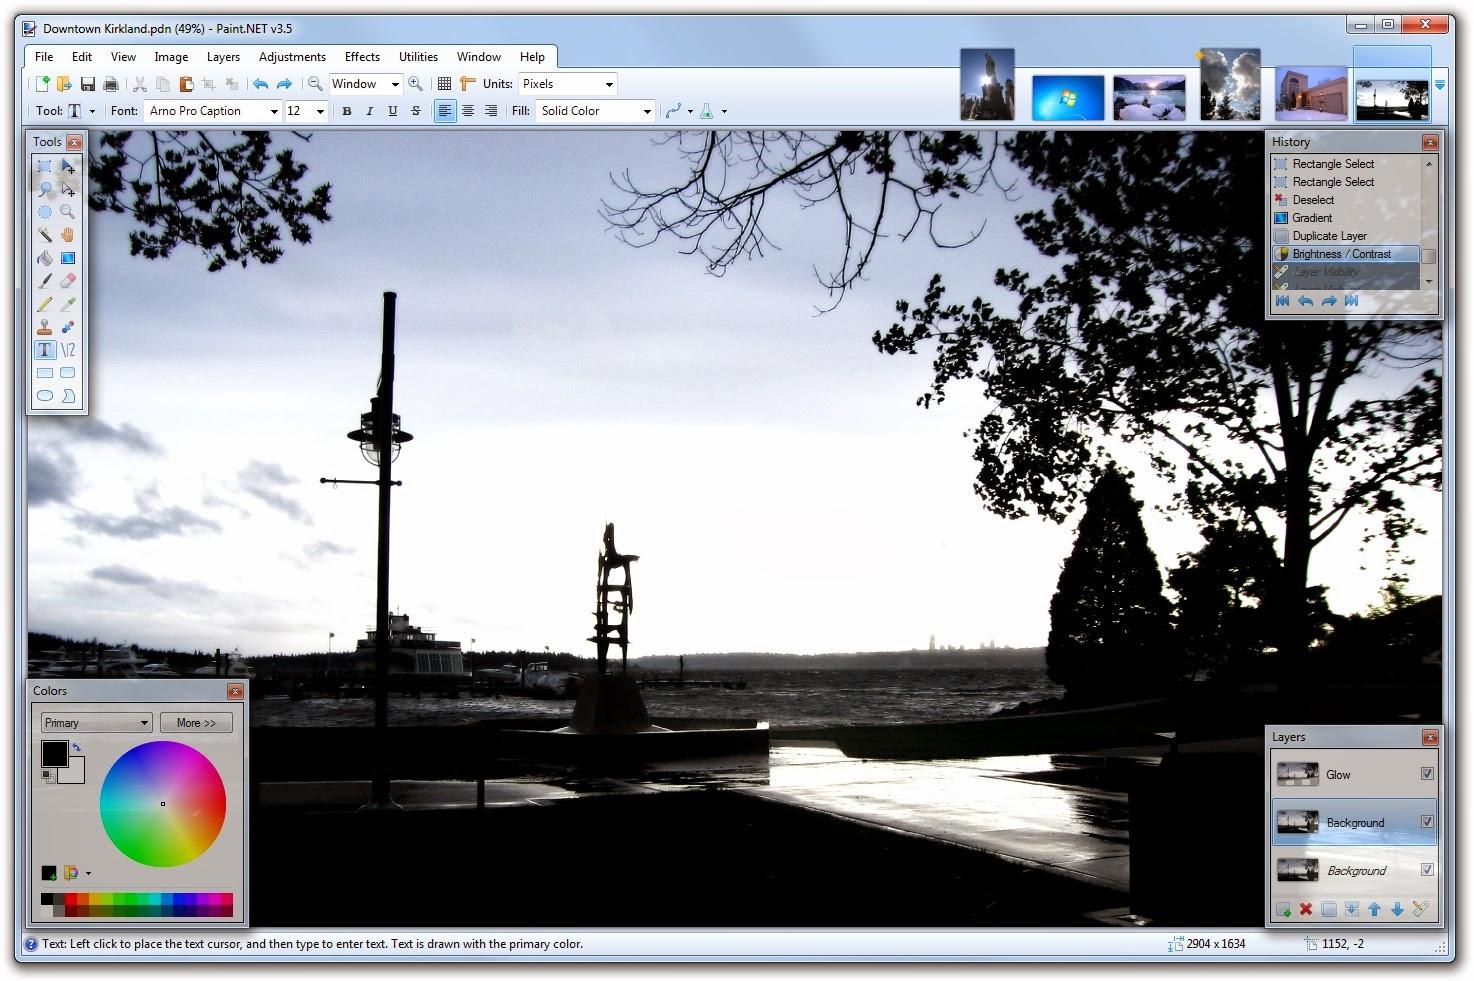 تحميل برنامج Paint.NET لإنشاء وتحرير الصور والخلفيات مجاناً 3.5.11